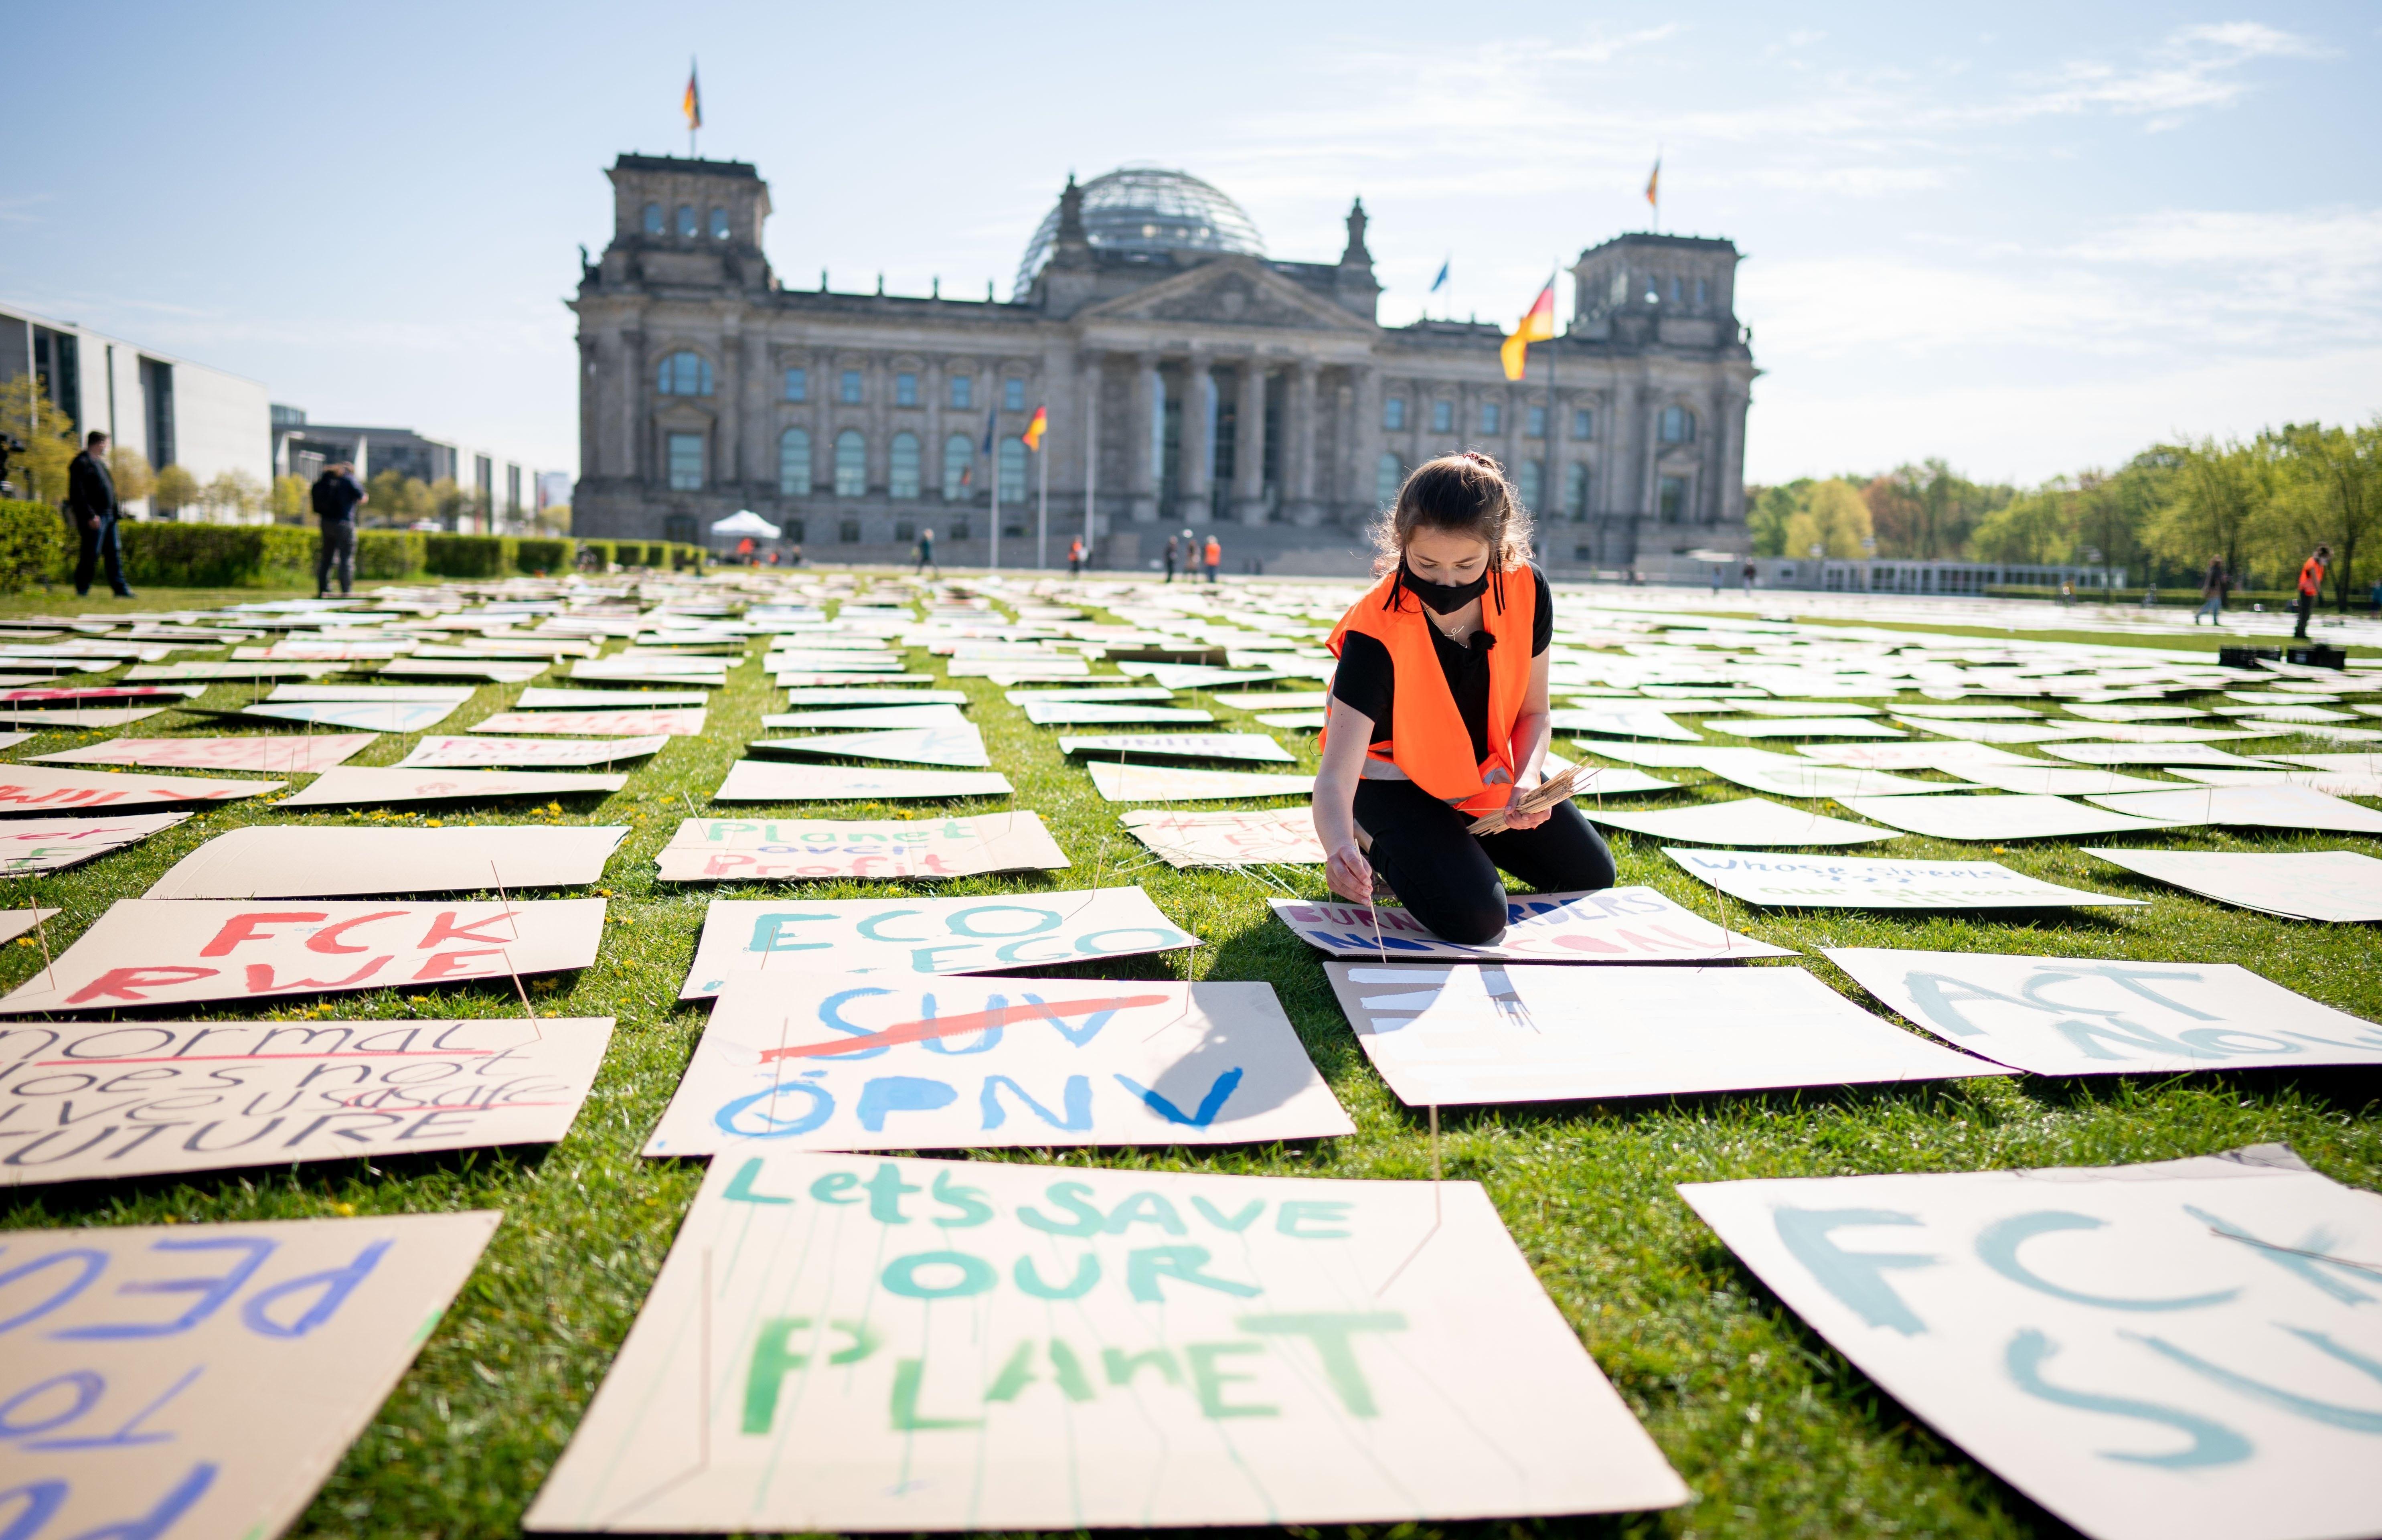 Luisa Neubauer von Fridays for Future legt für den alternativen Klimastreik Protestplakate für den Klimaschutz auf der Reichstagswiese aus.